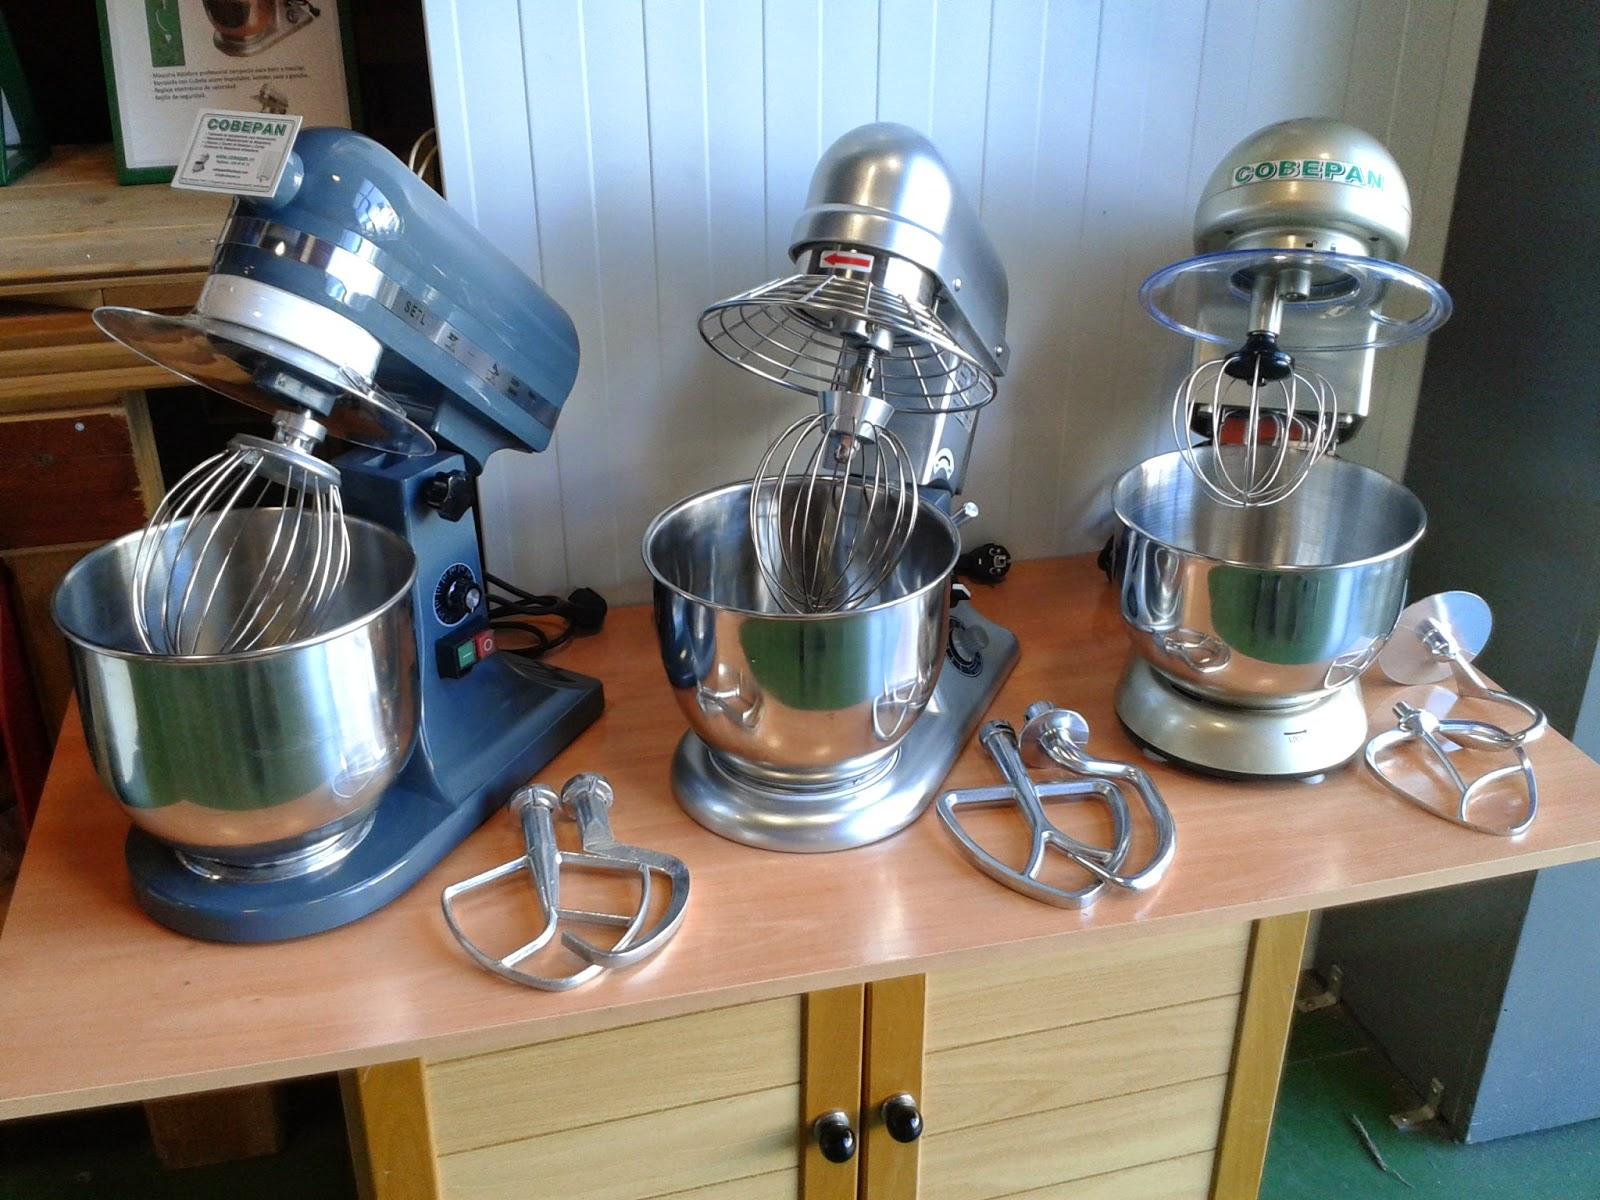 Maquinaria y accesorios para panaderia y pasteleria profesional.